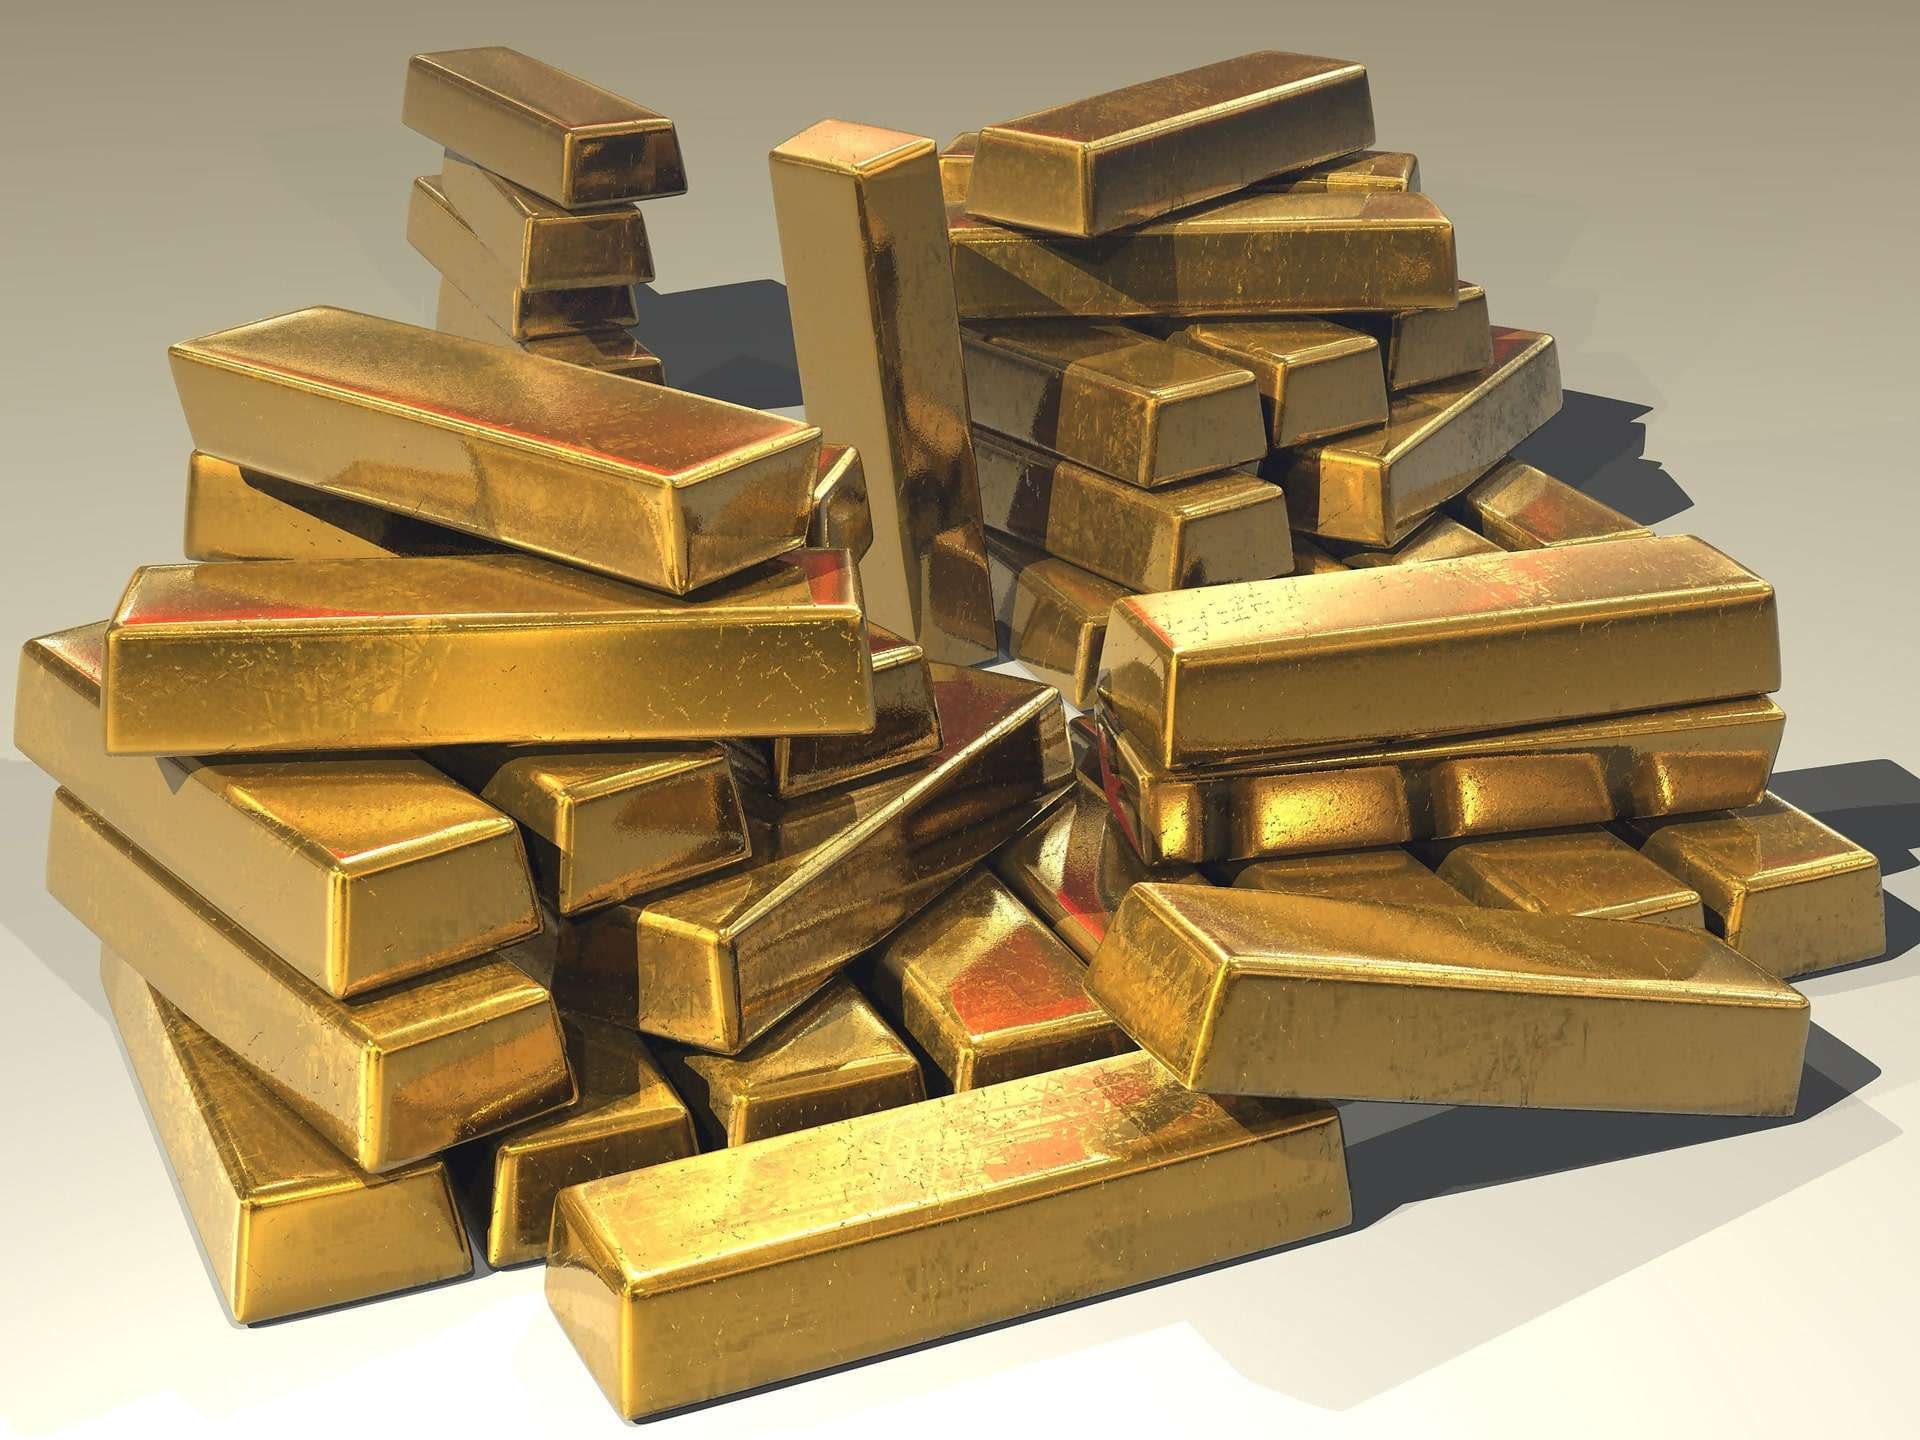 Köpa guld – Hur gör man & var kan man köpa guld 2019